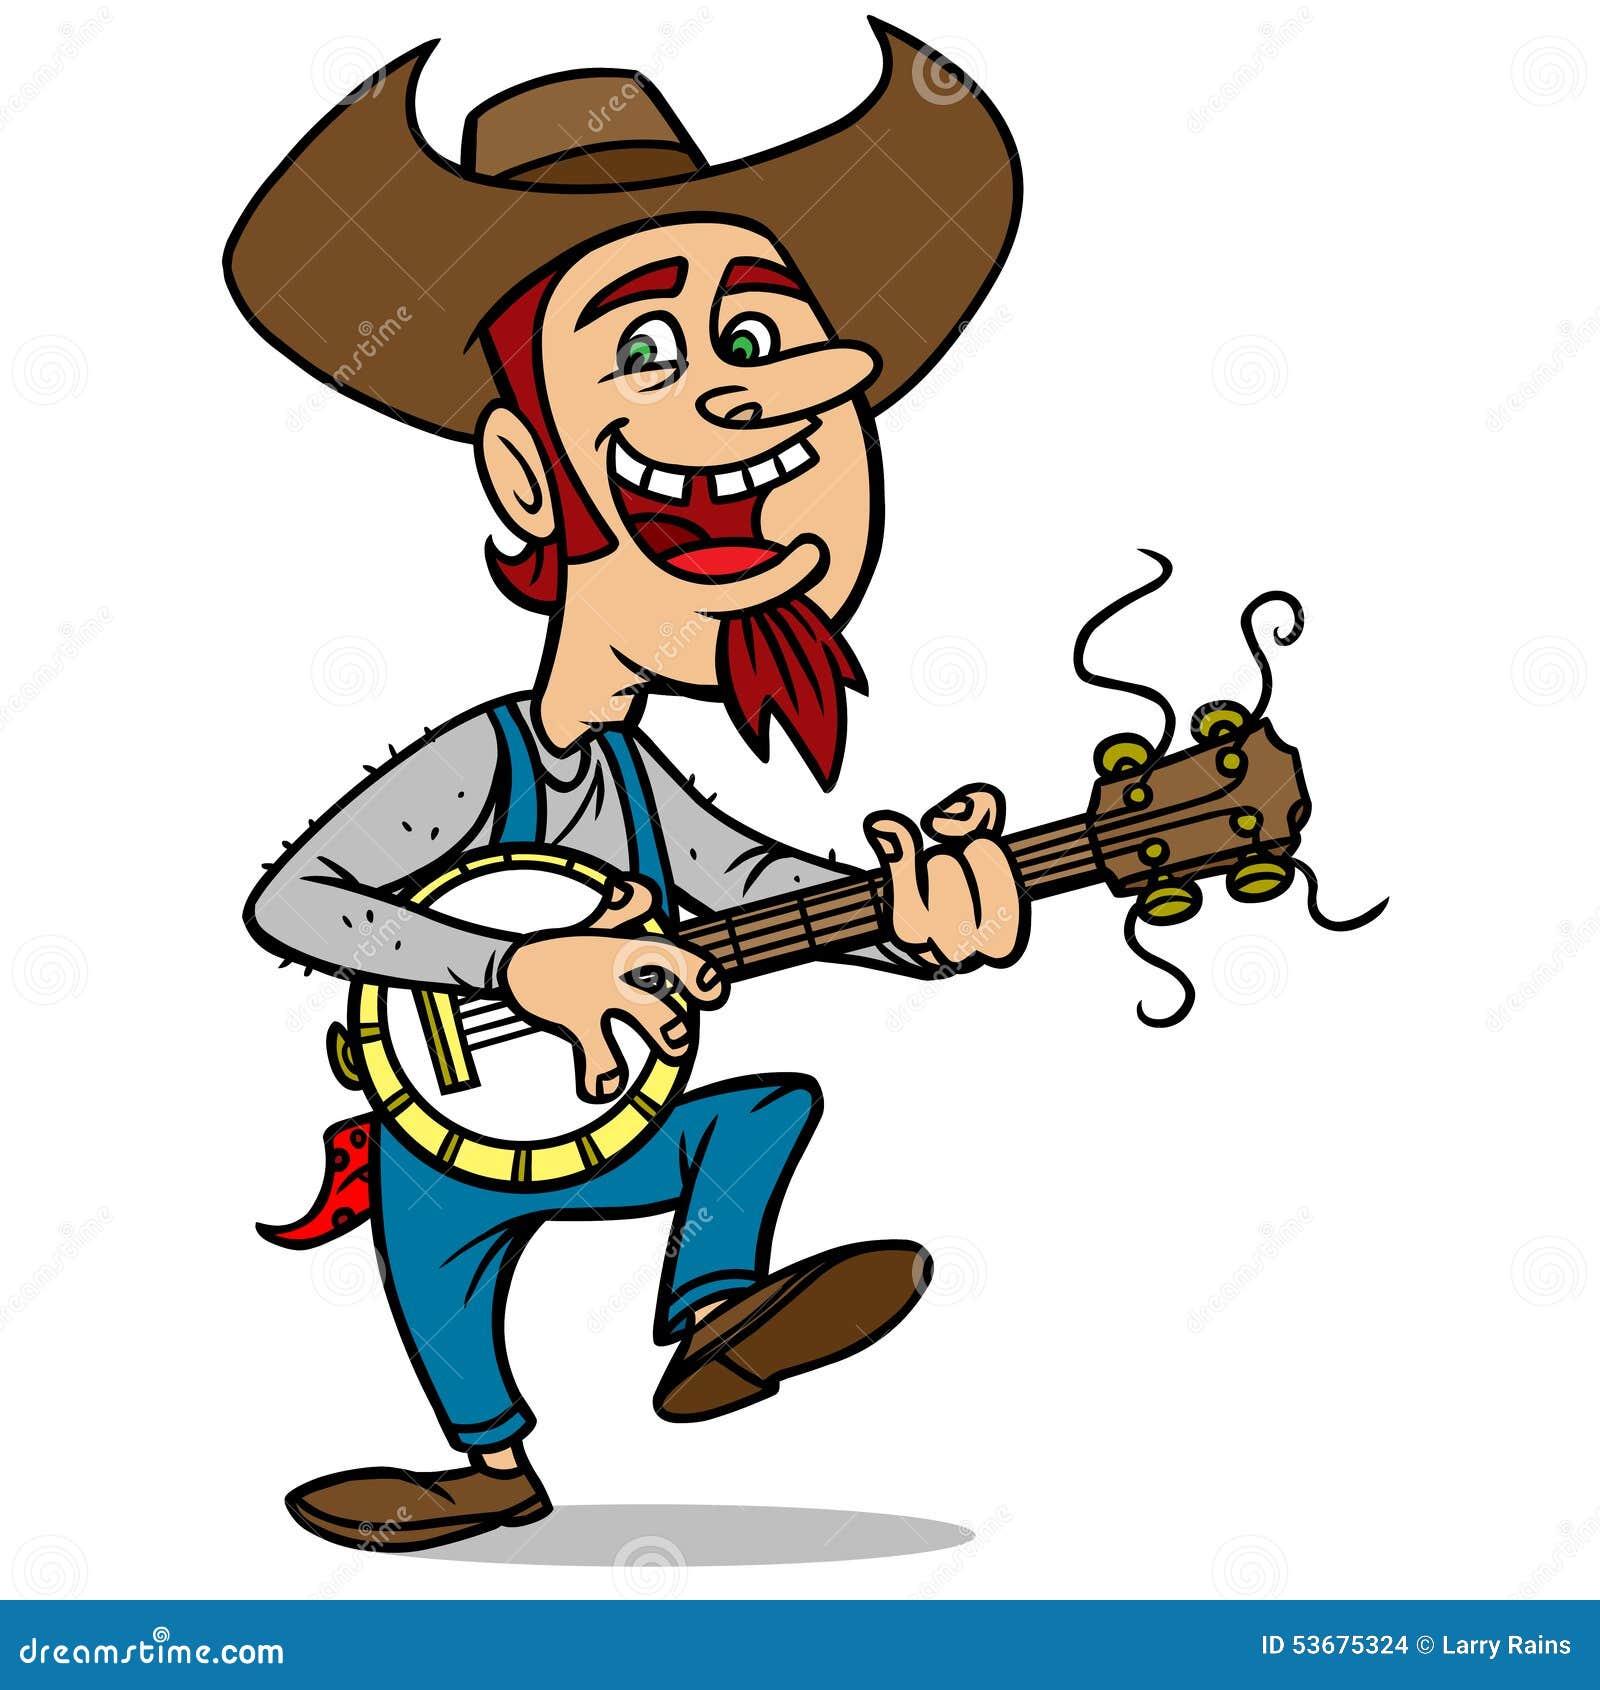 bluegrass stock illustrations 435 bluegrass stock illustrations rh dreamstime com bluegrass clip art free bluegrass band clipart